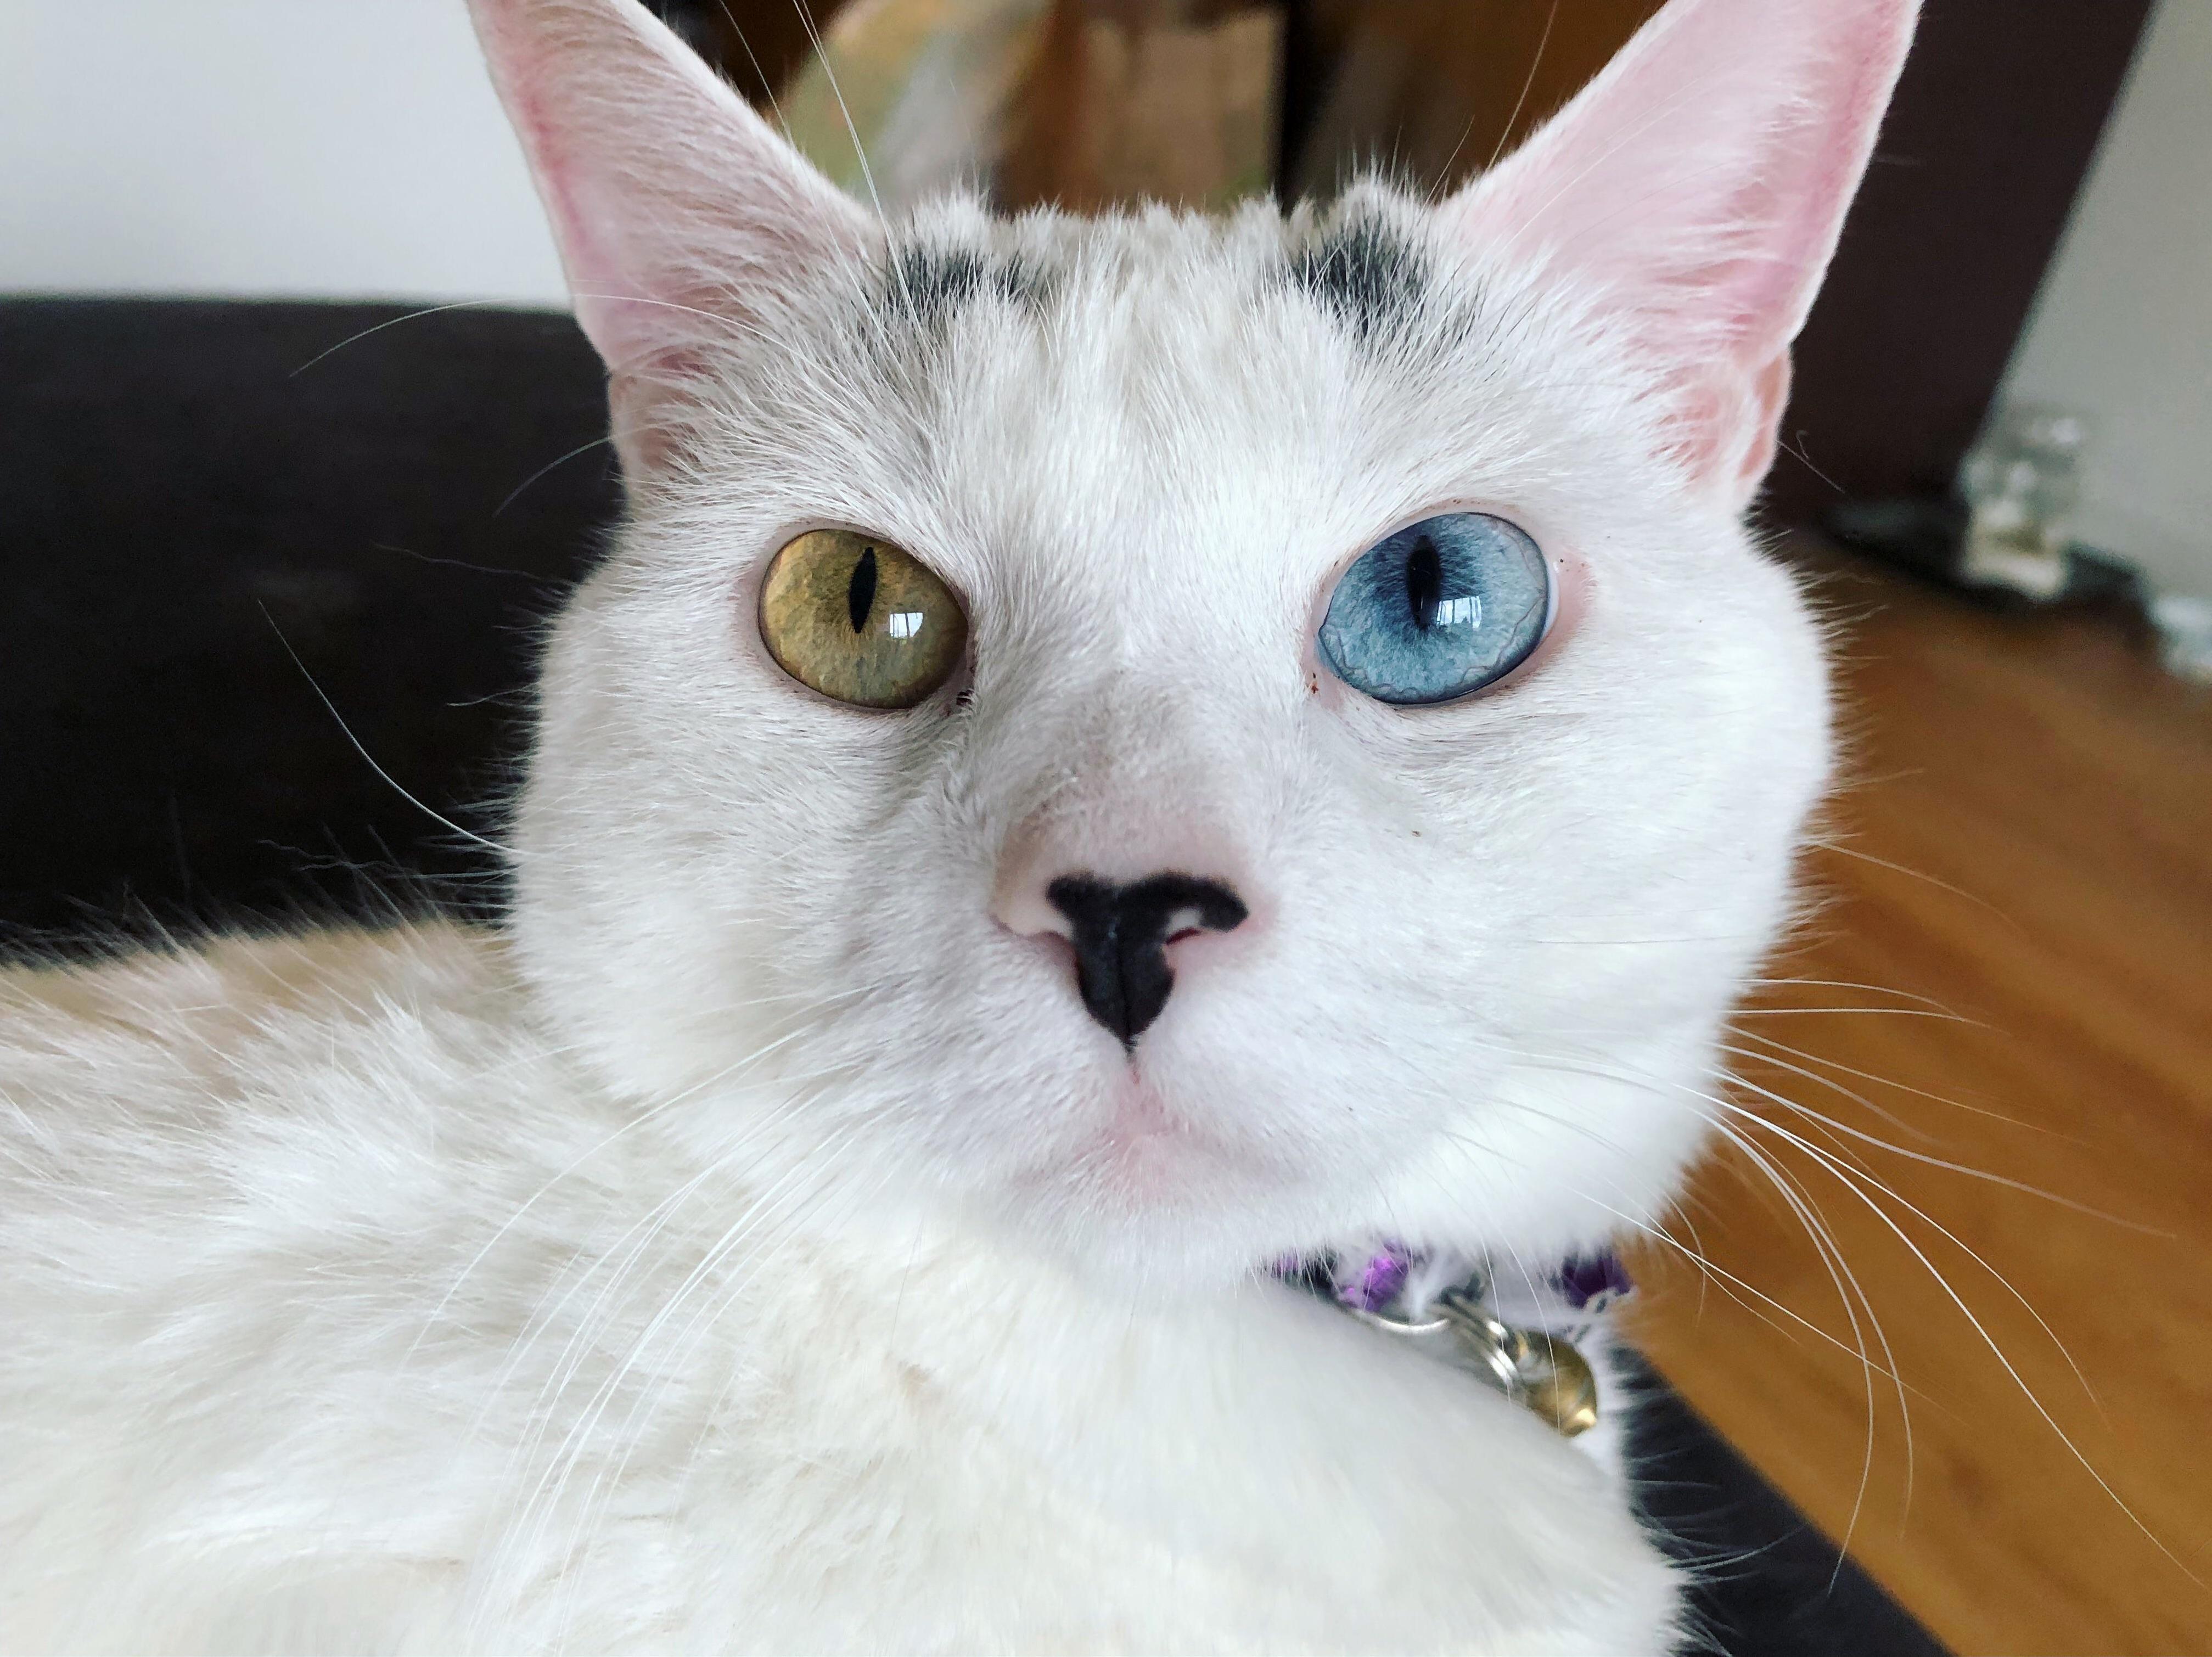 Sweetest, pink eared angel sybil.